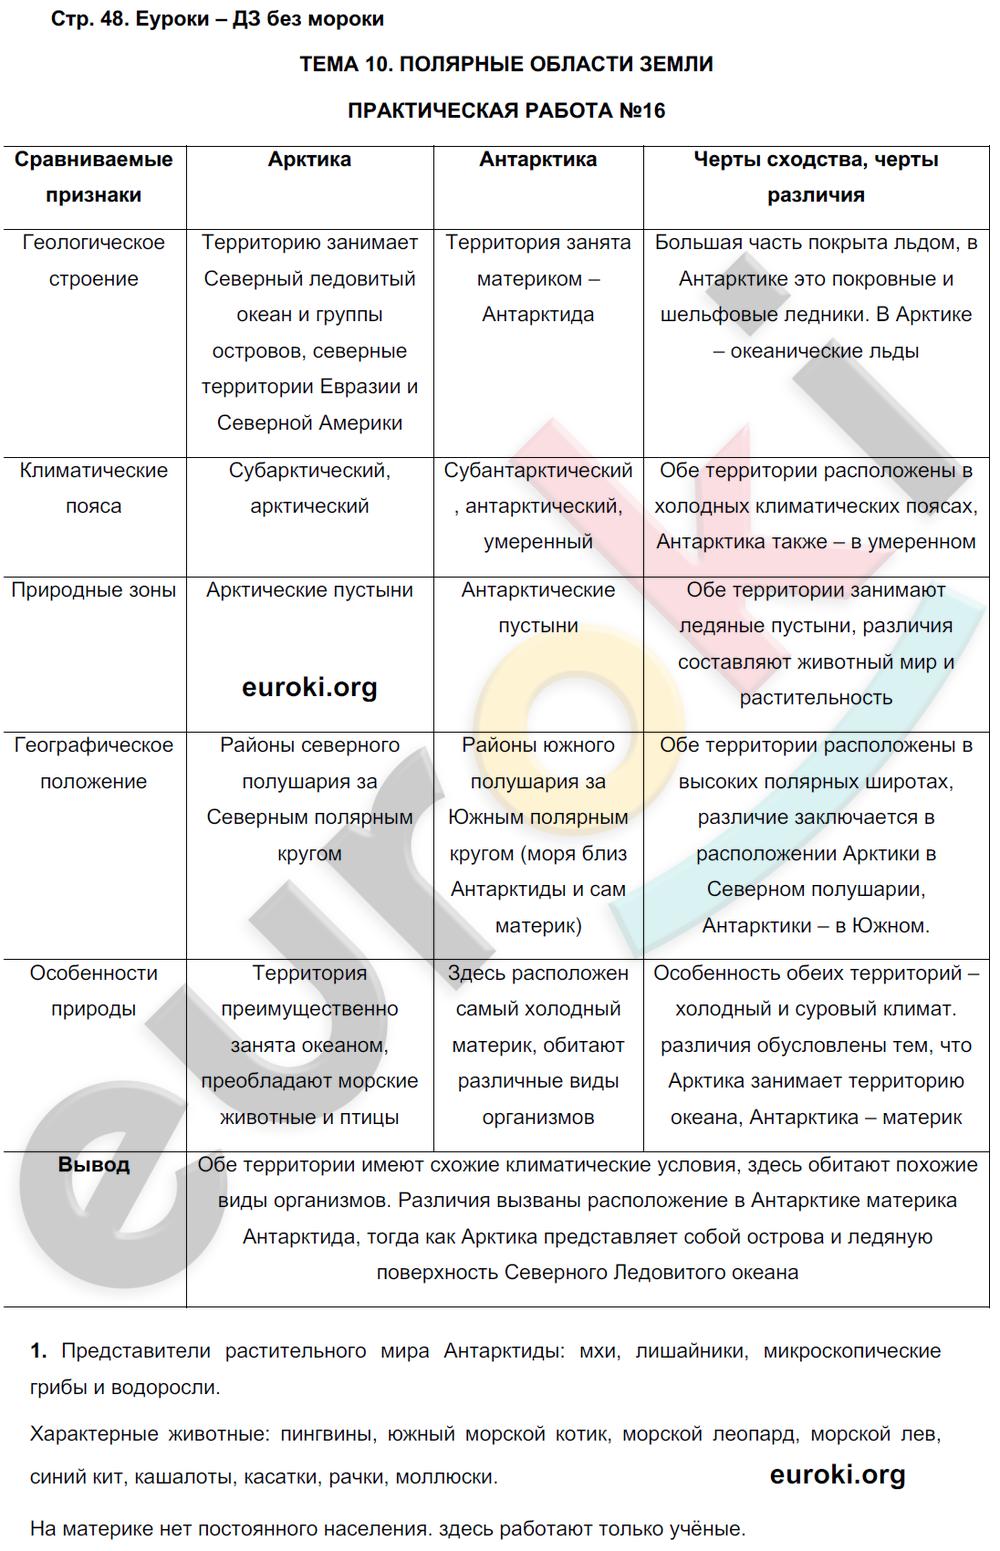 ГДЗ по географии 7 класс рабочая тетрадь Баринова, Суслов. Задание: стр. 48